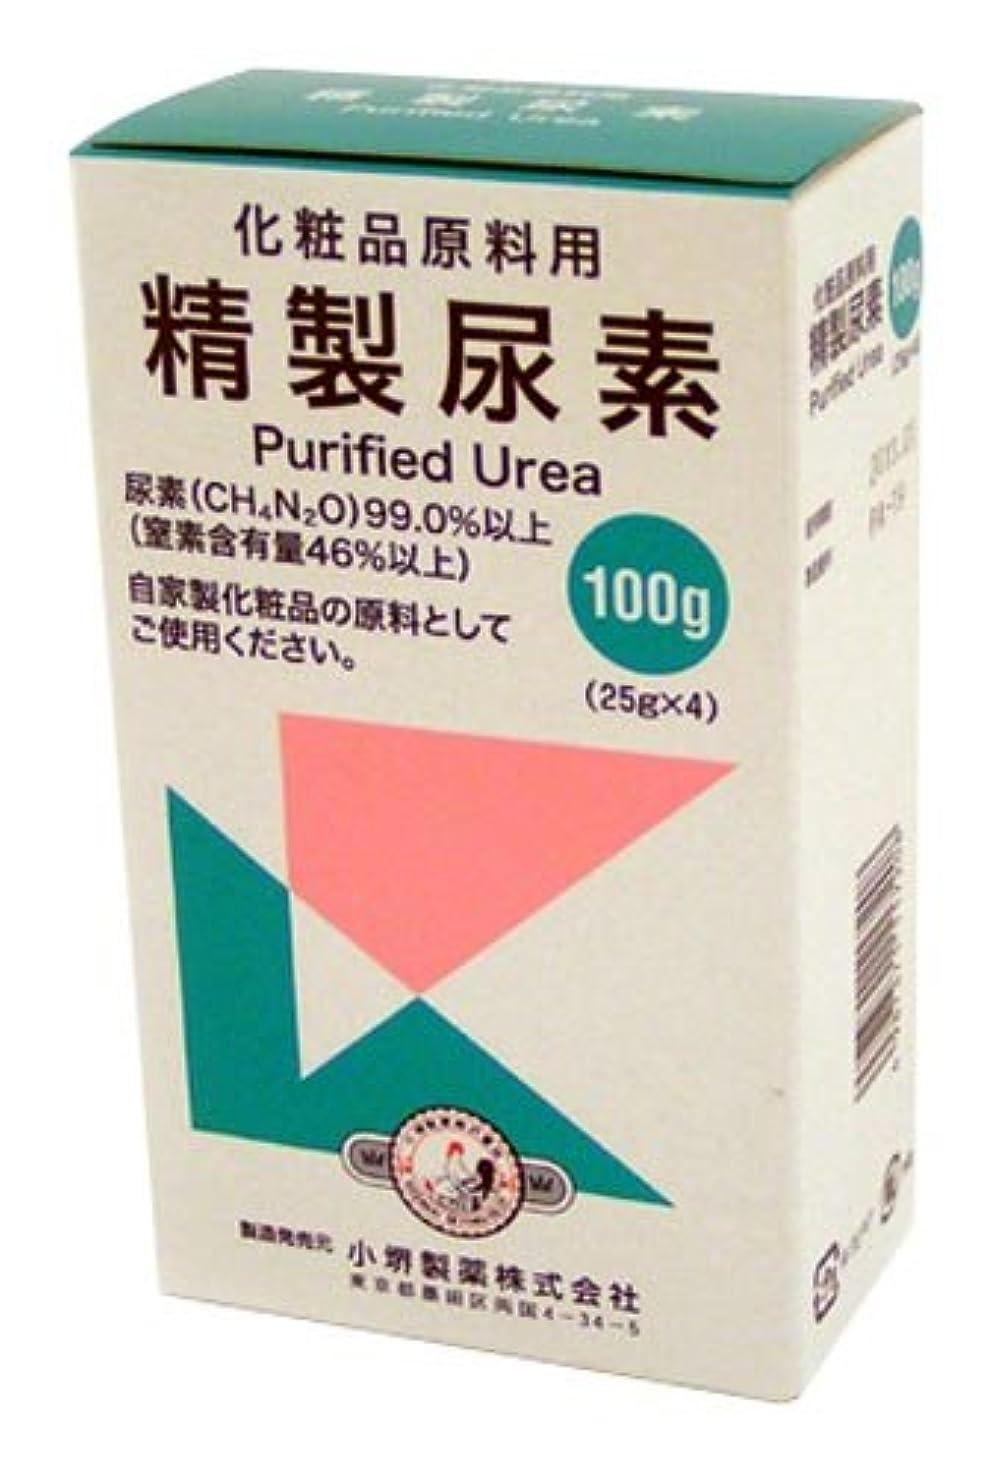 アーク検索満足できる精製尿素 25g×4